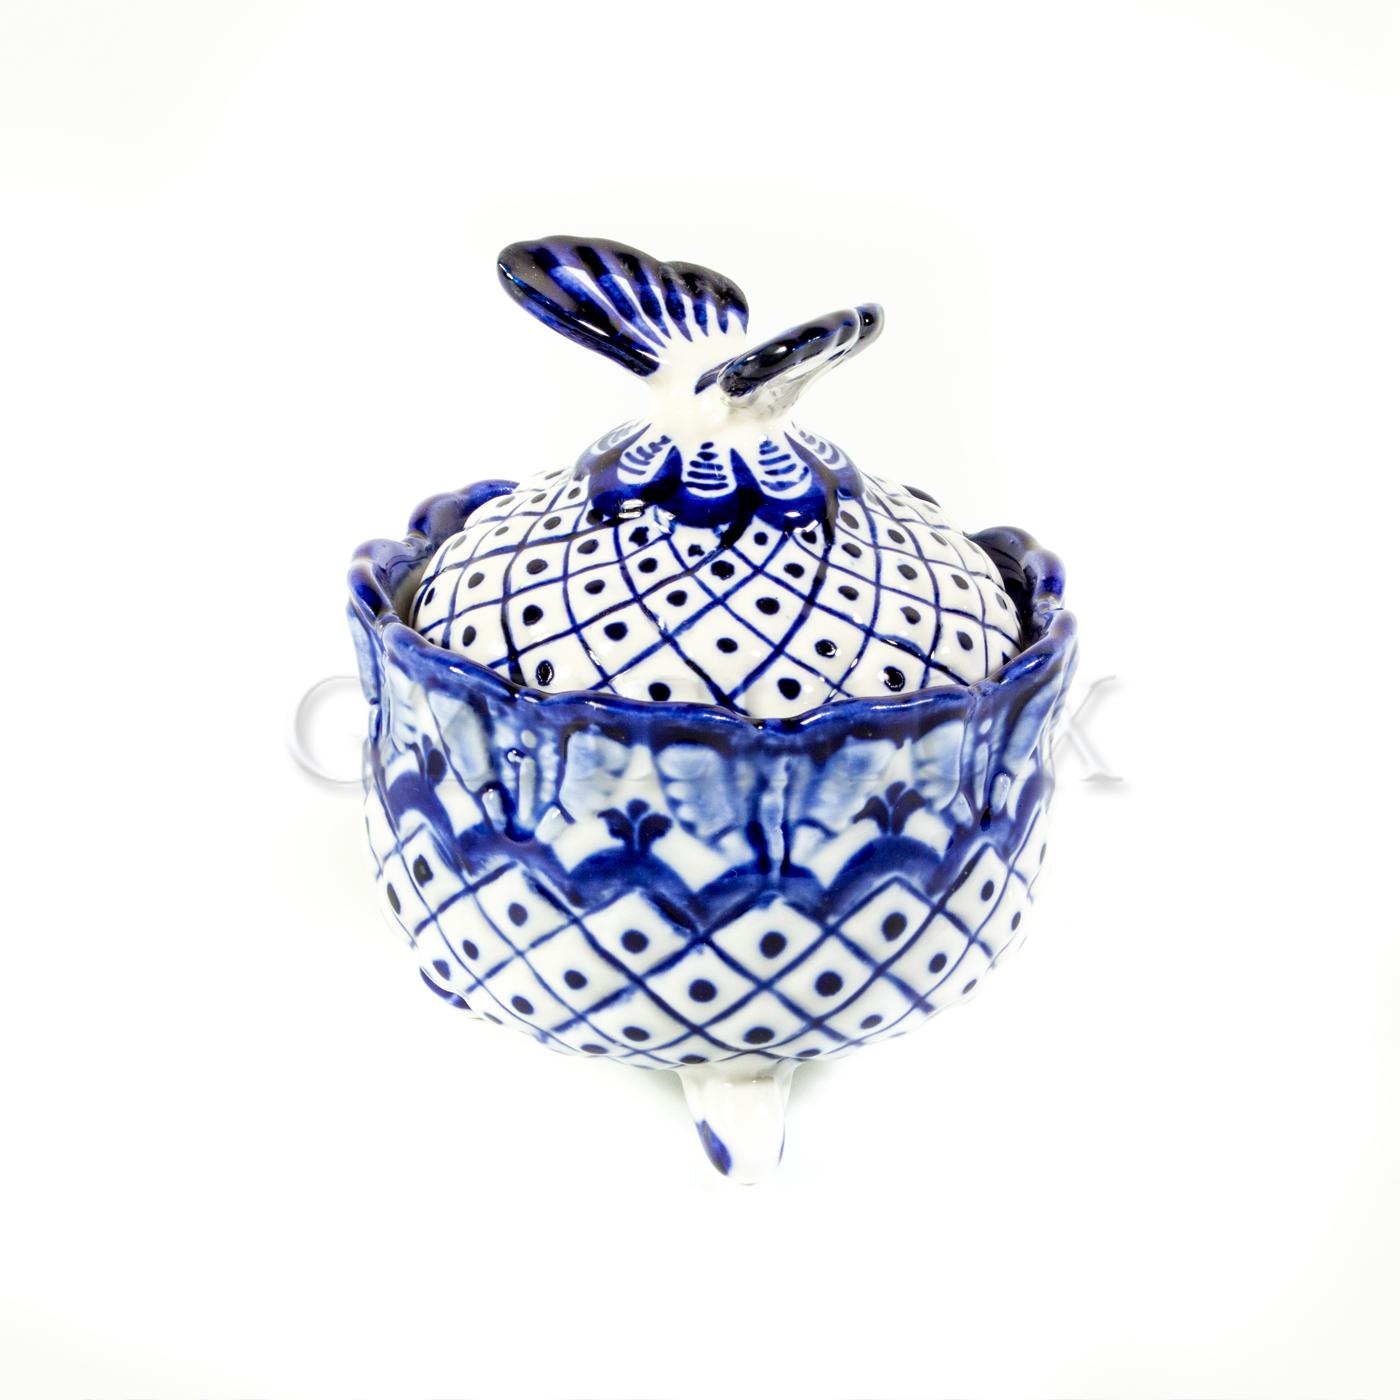 Шкатулка «Сеточка» с бабочкой